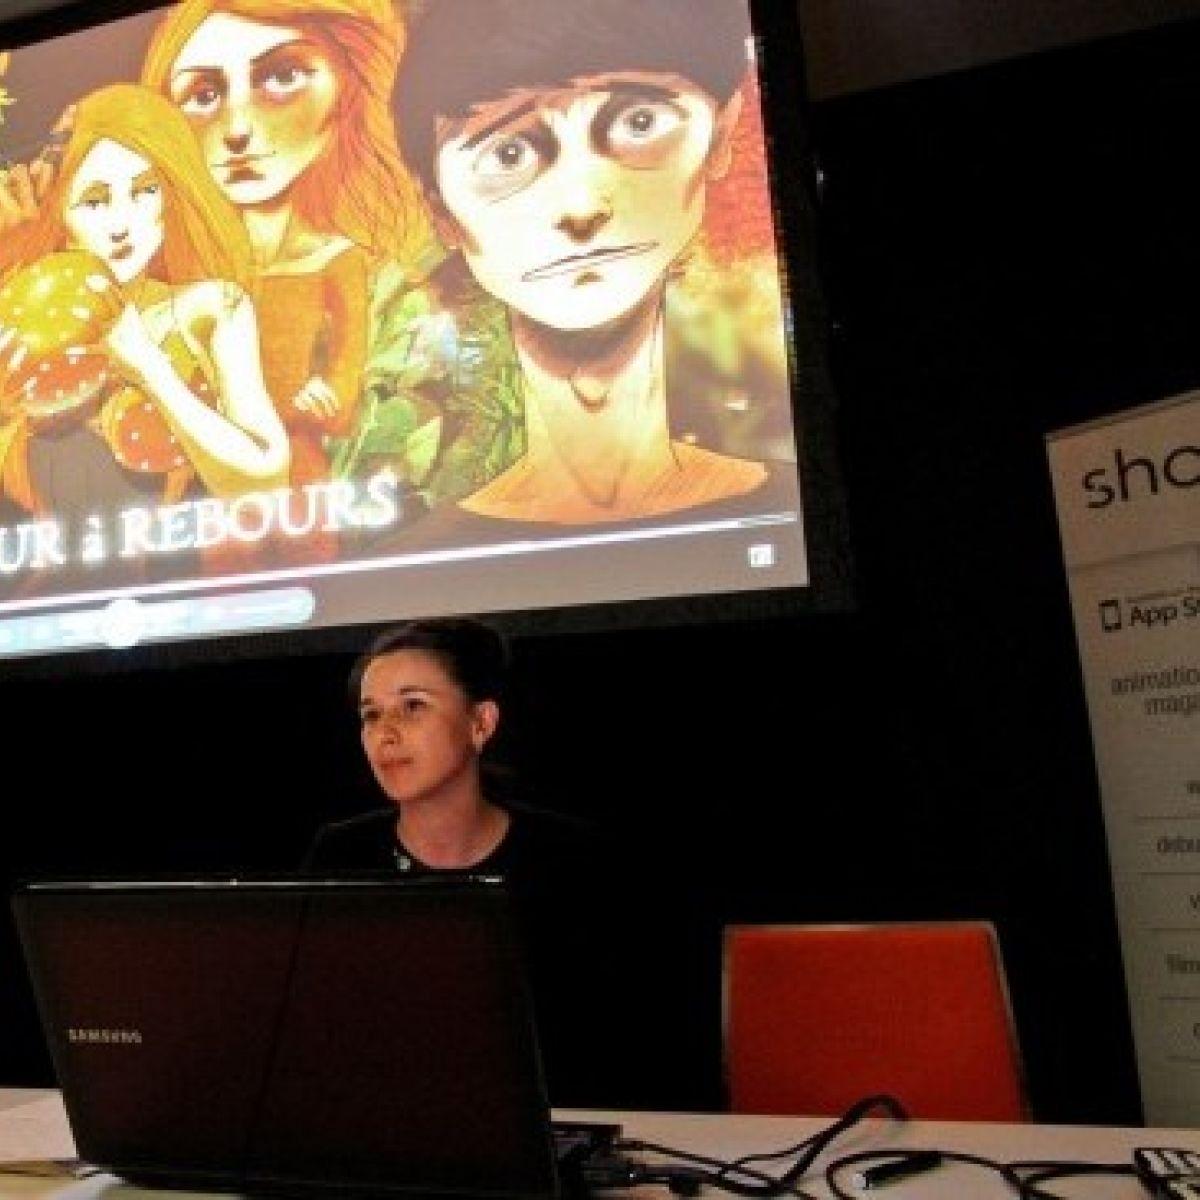 Zapraszamy do zgłoszeń projektów filmów animowanych do prezentacji ANIMATED IN POLAND